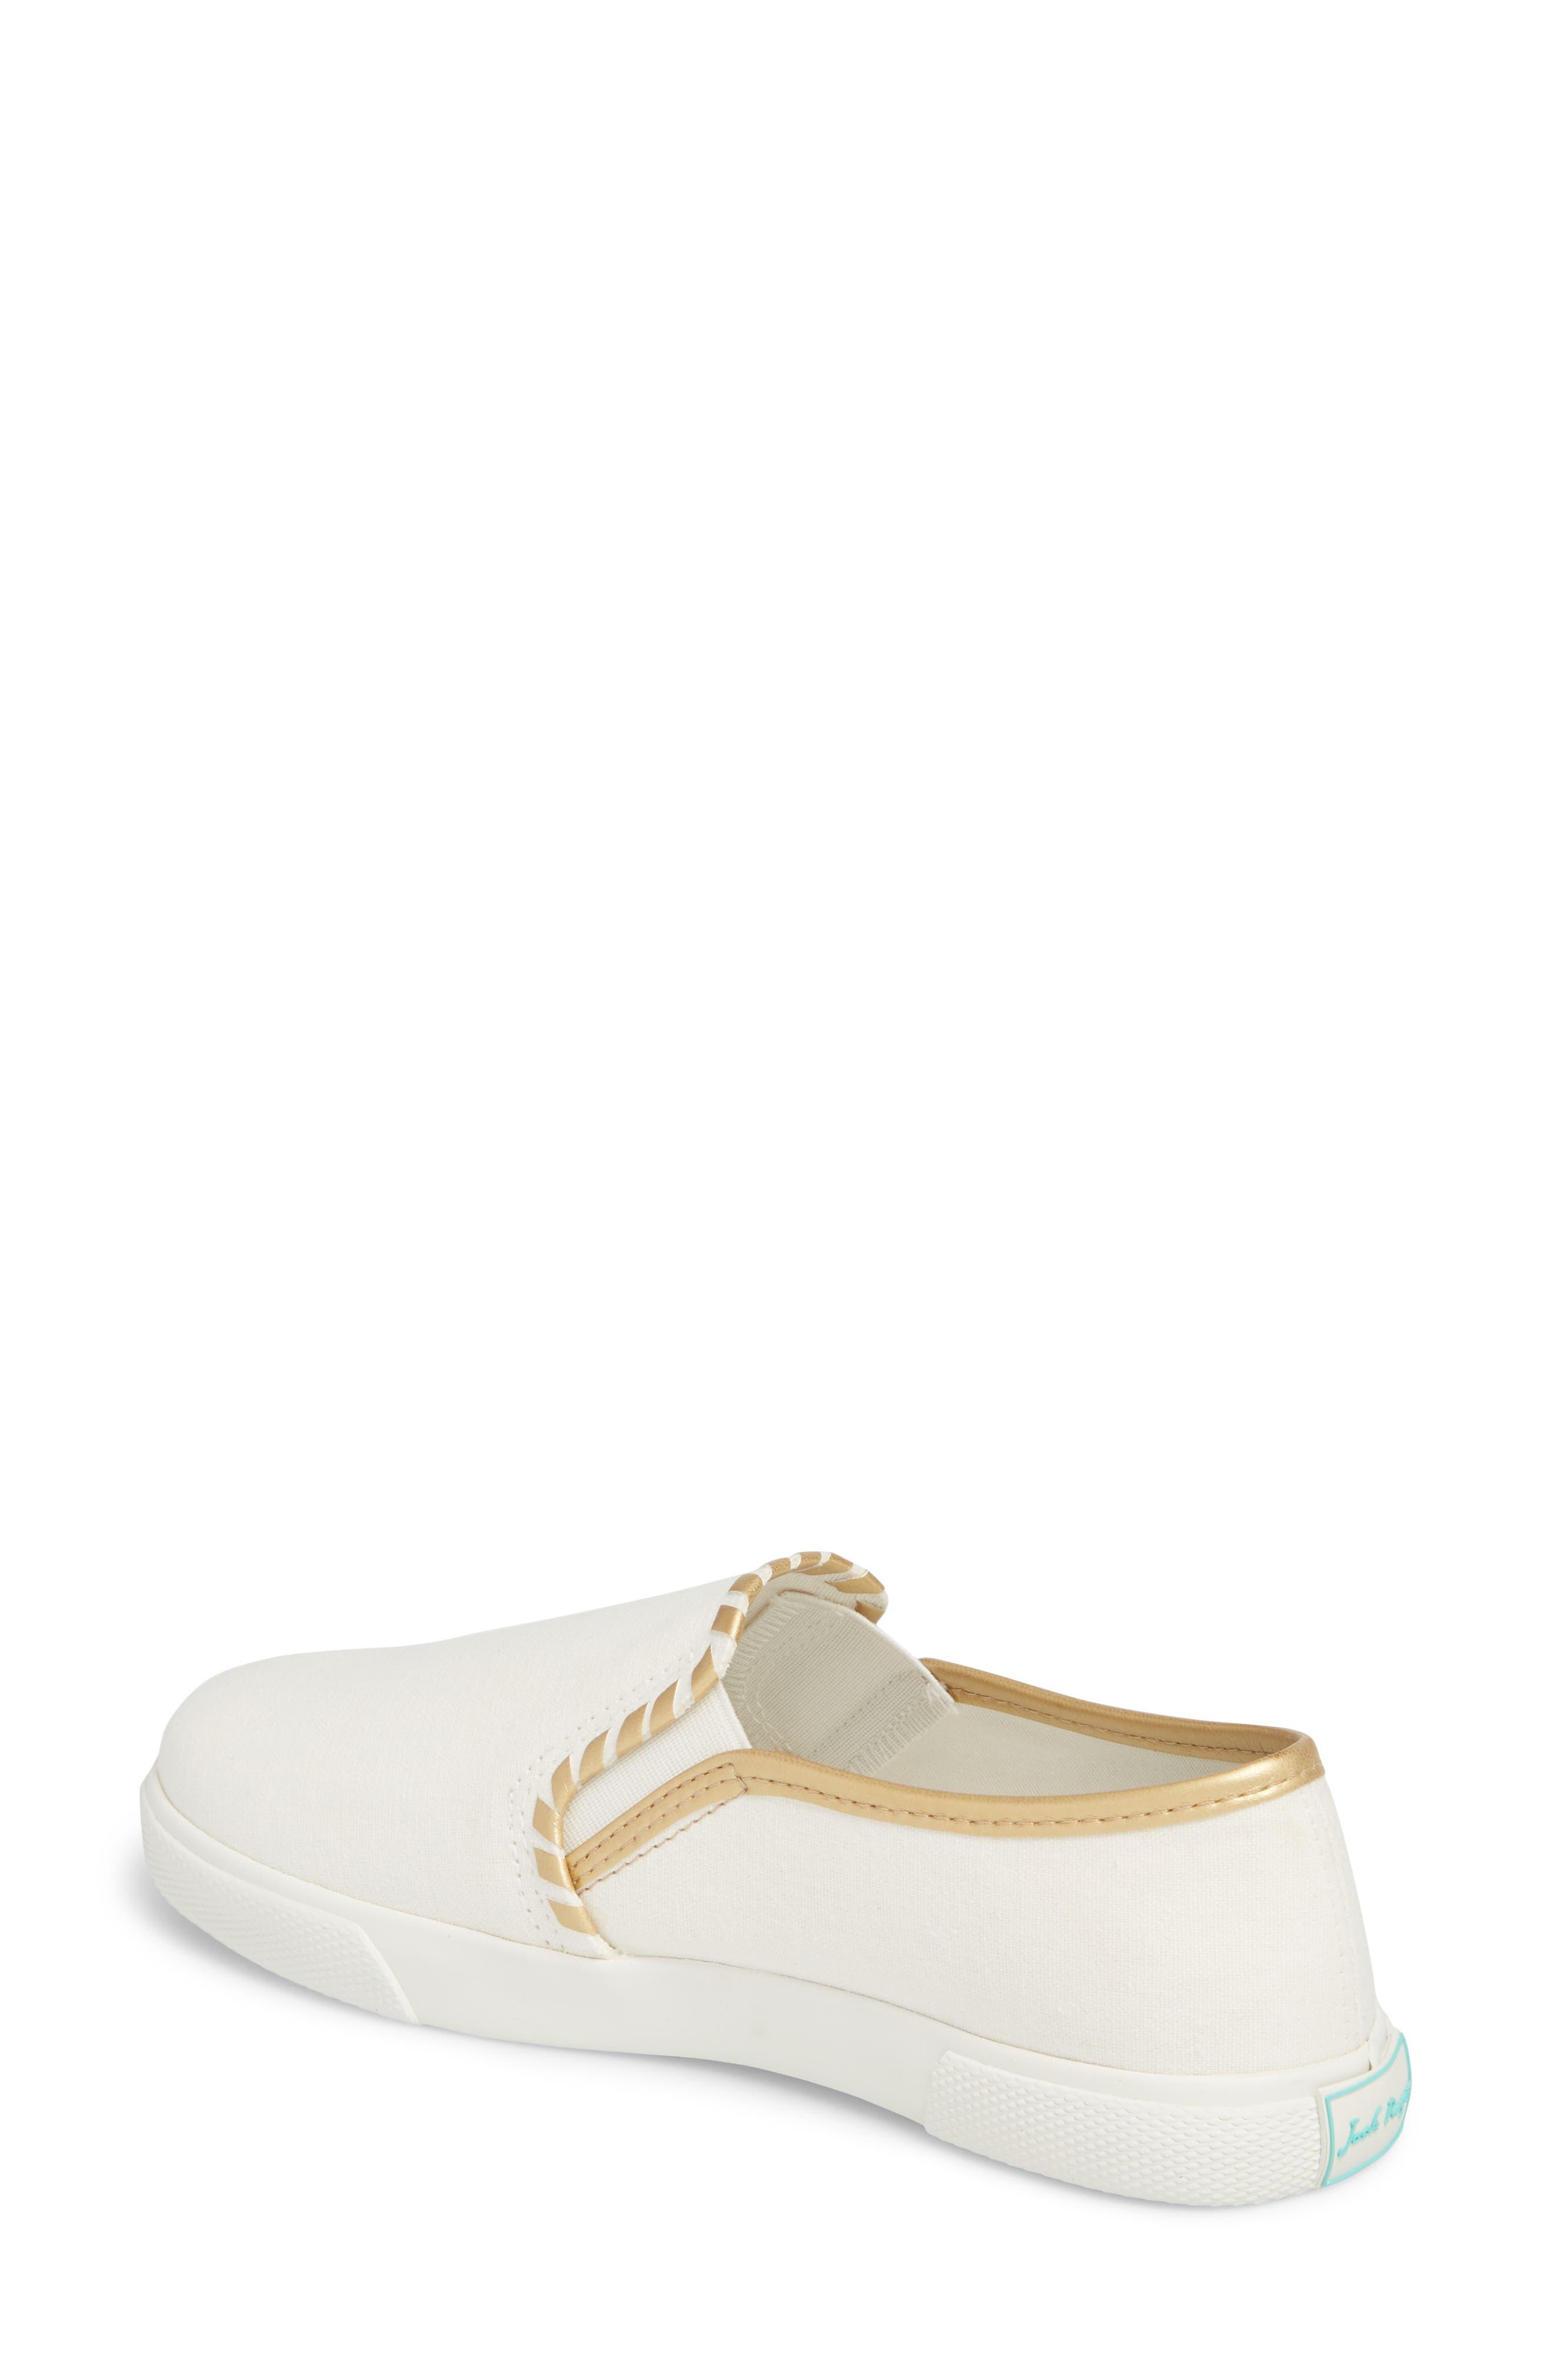 McKay Slip-On Sneaker,                             Alternate thumbnail 2, color,                             WHITE FABRIC